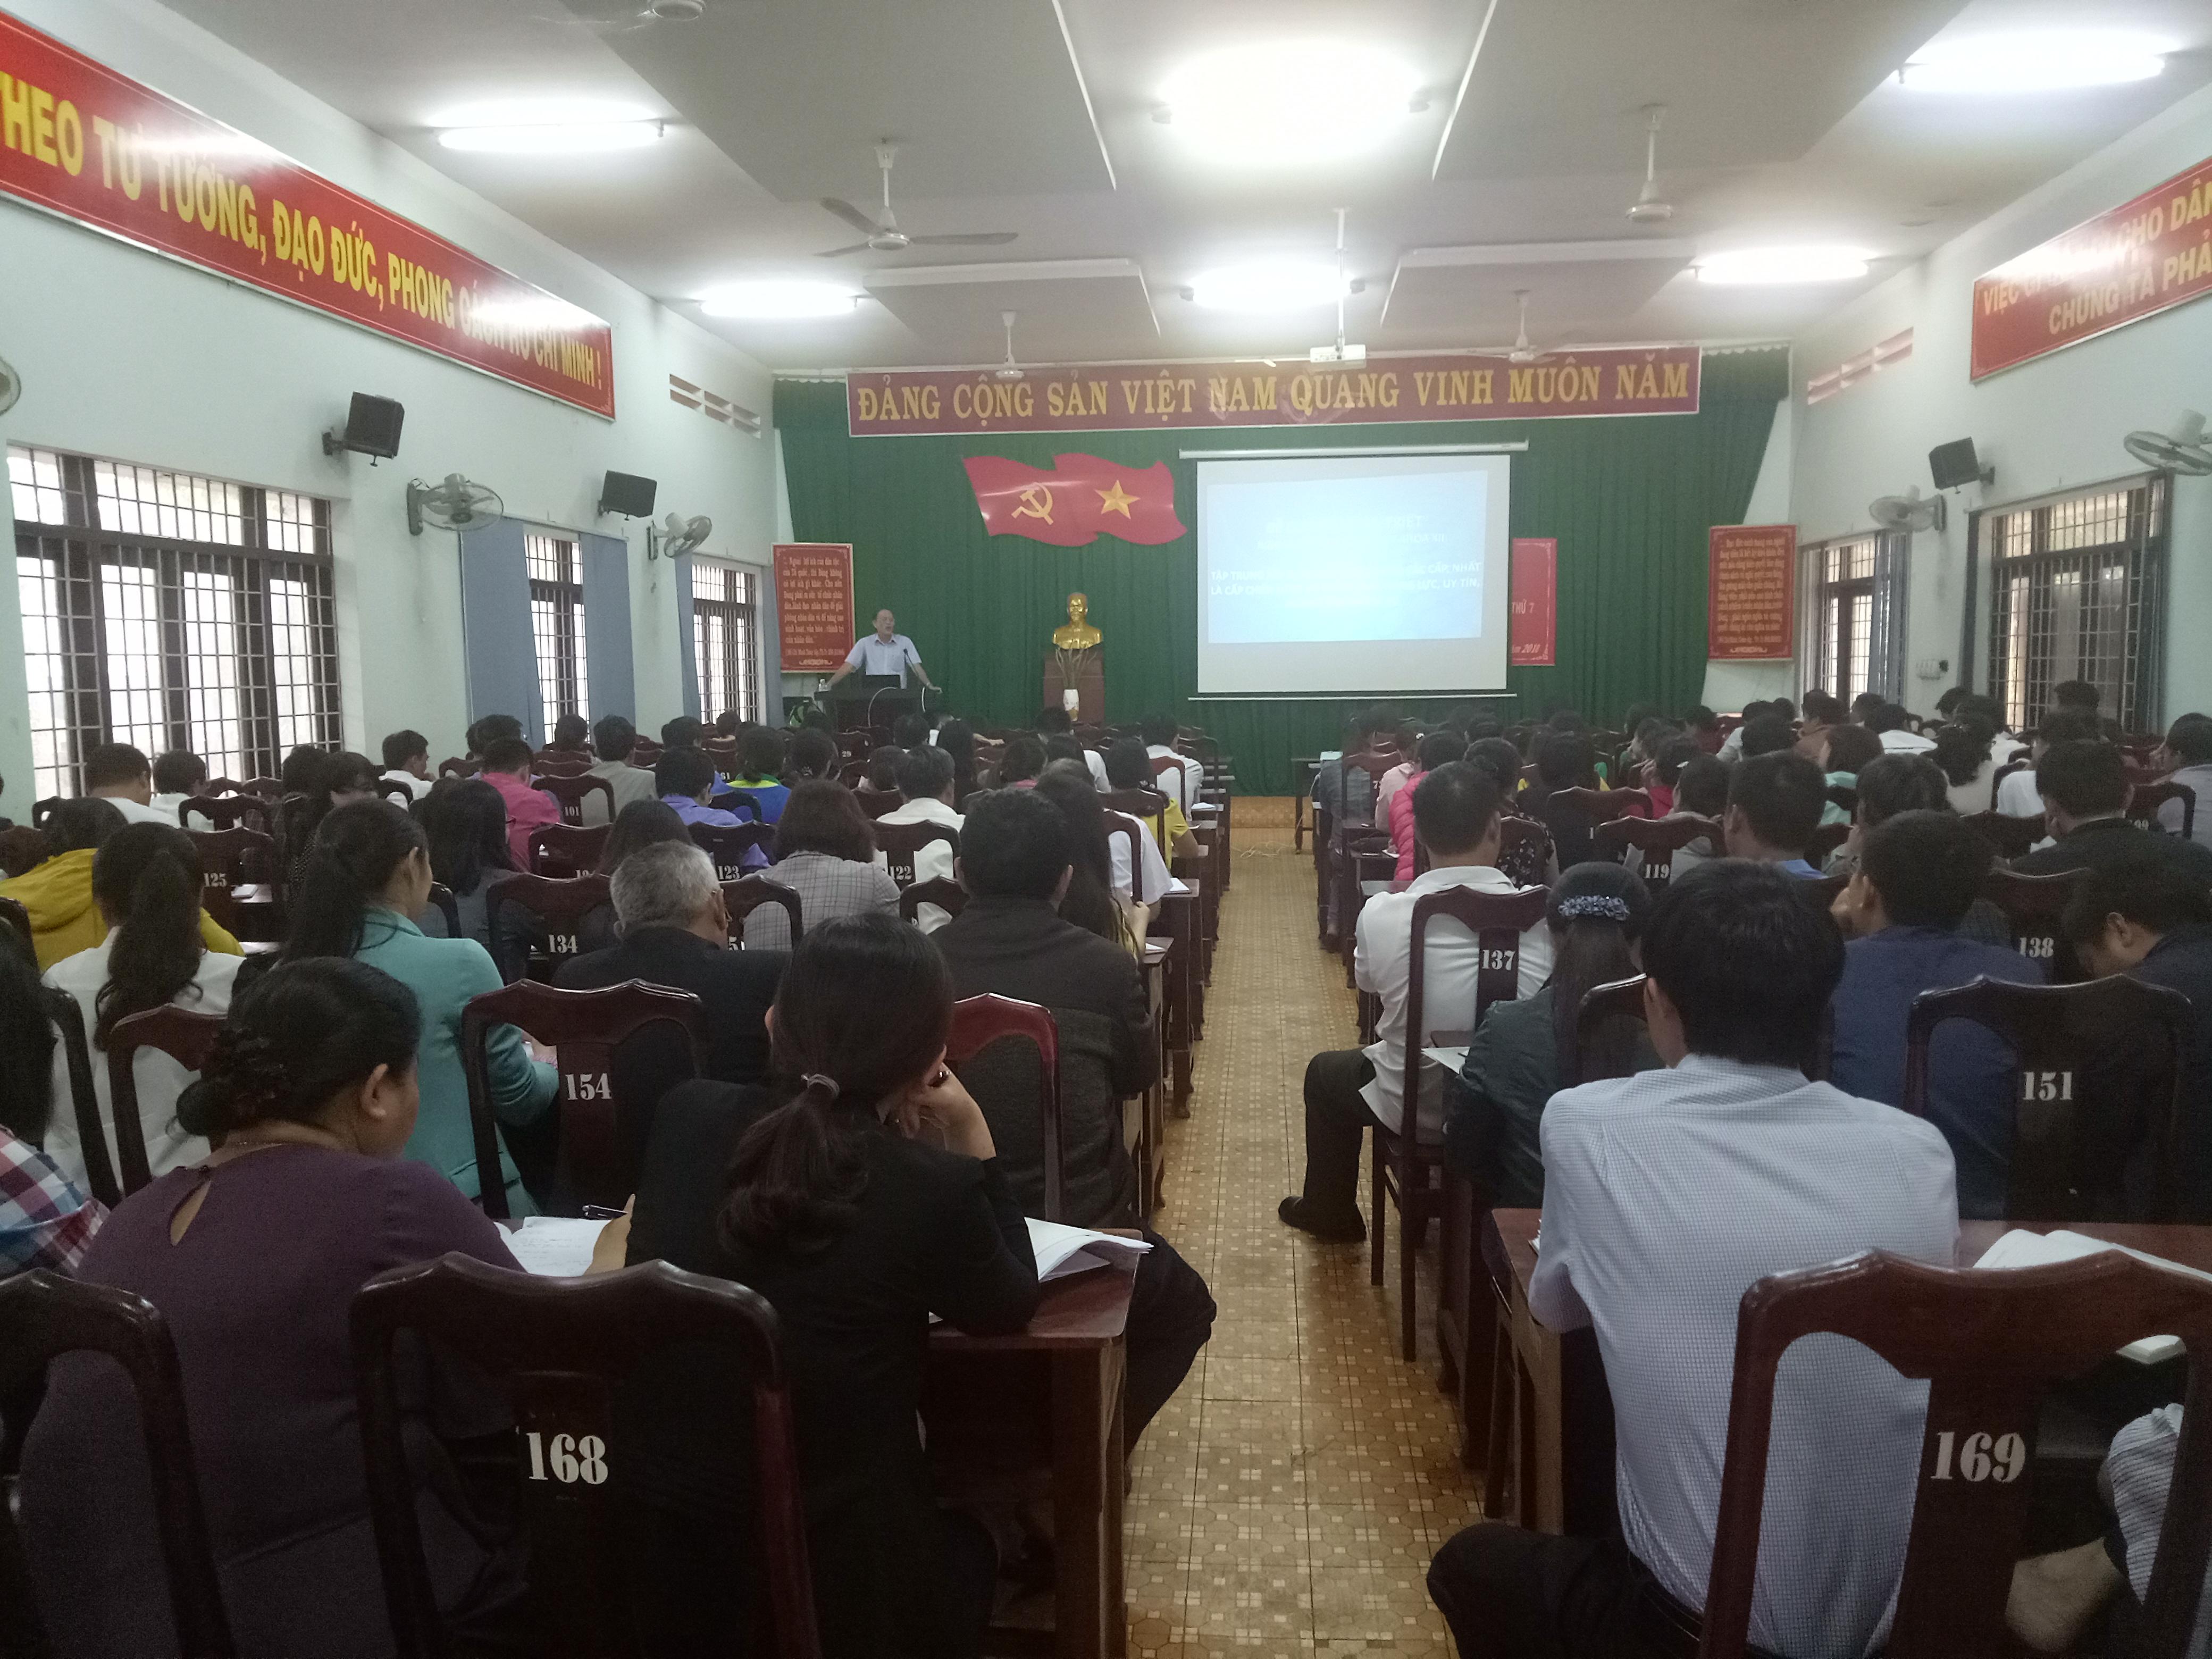 Huyện Cư M'gar tổ chức cho cán bộ, đảng viên, người lao động học tập Nghị quyết TW 7 khóa XII của Đảng